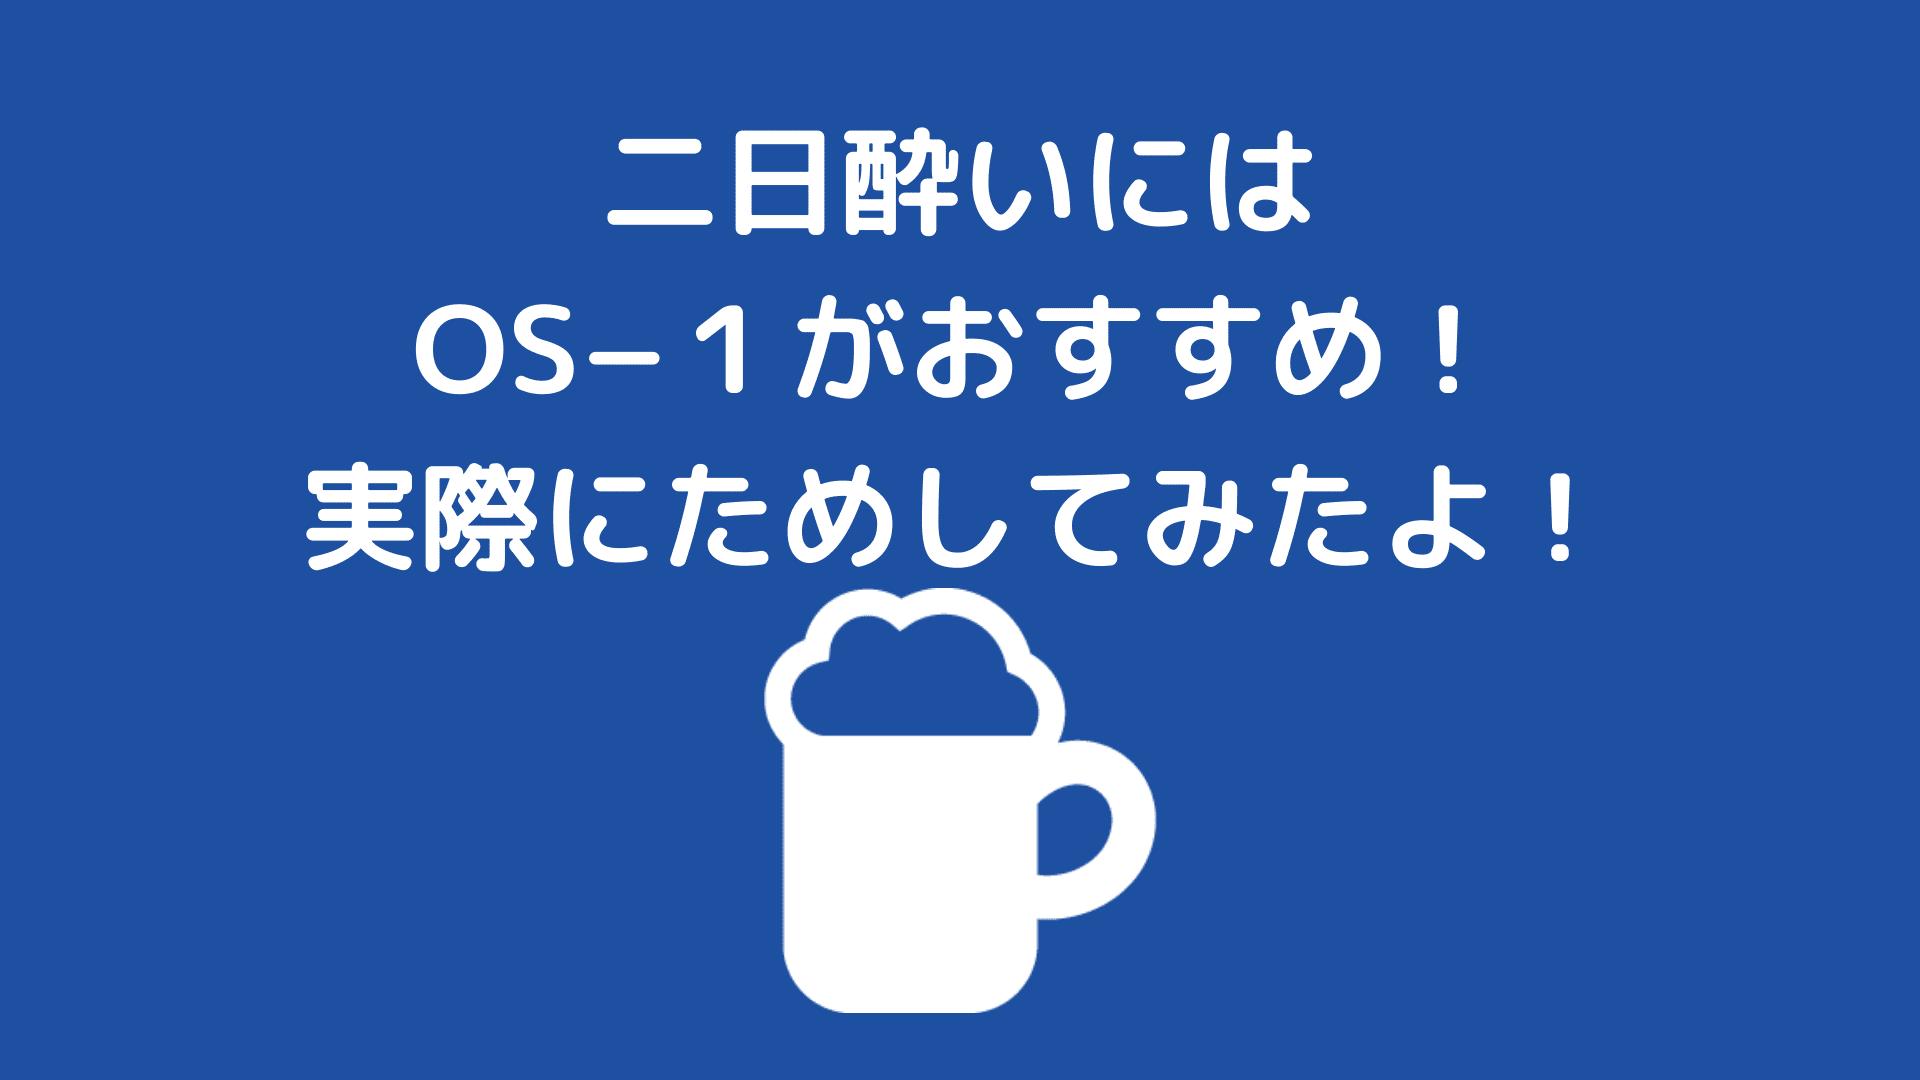 OS 1 osusume